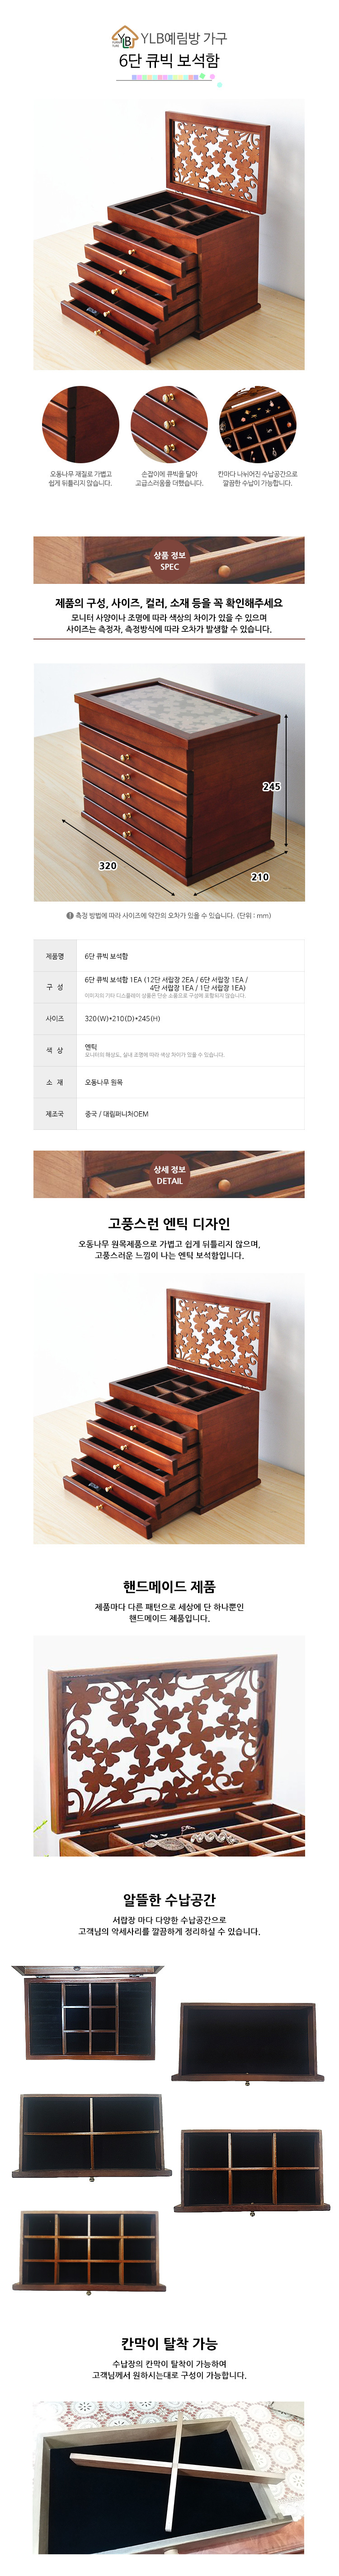 원목 6단 큐빅 보석함 - YLB예림방, 56,900원, 보관함/진열대, 주얼리보관함